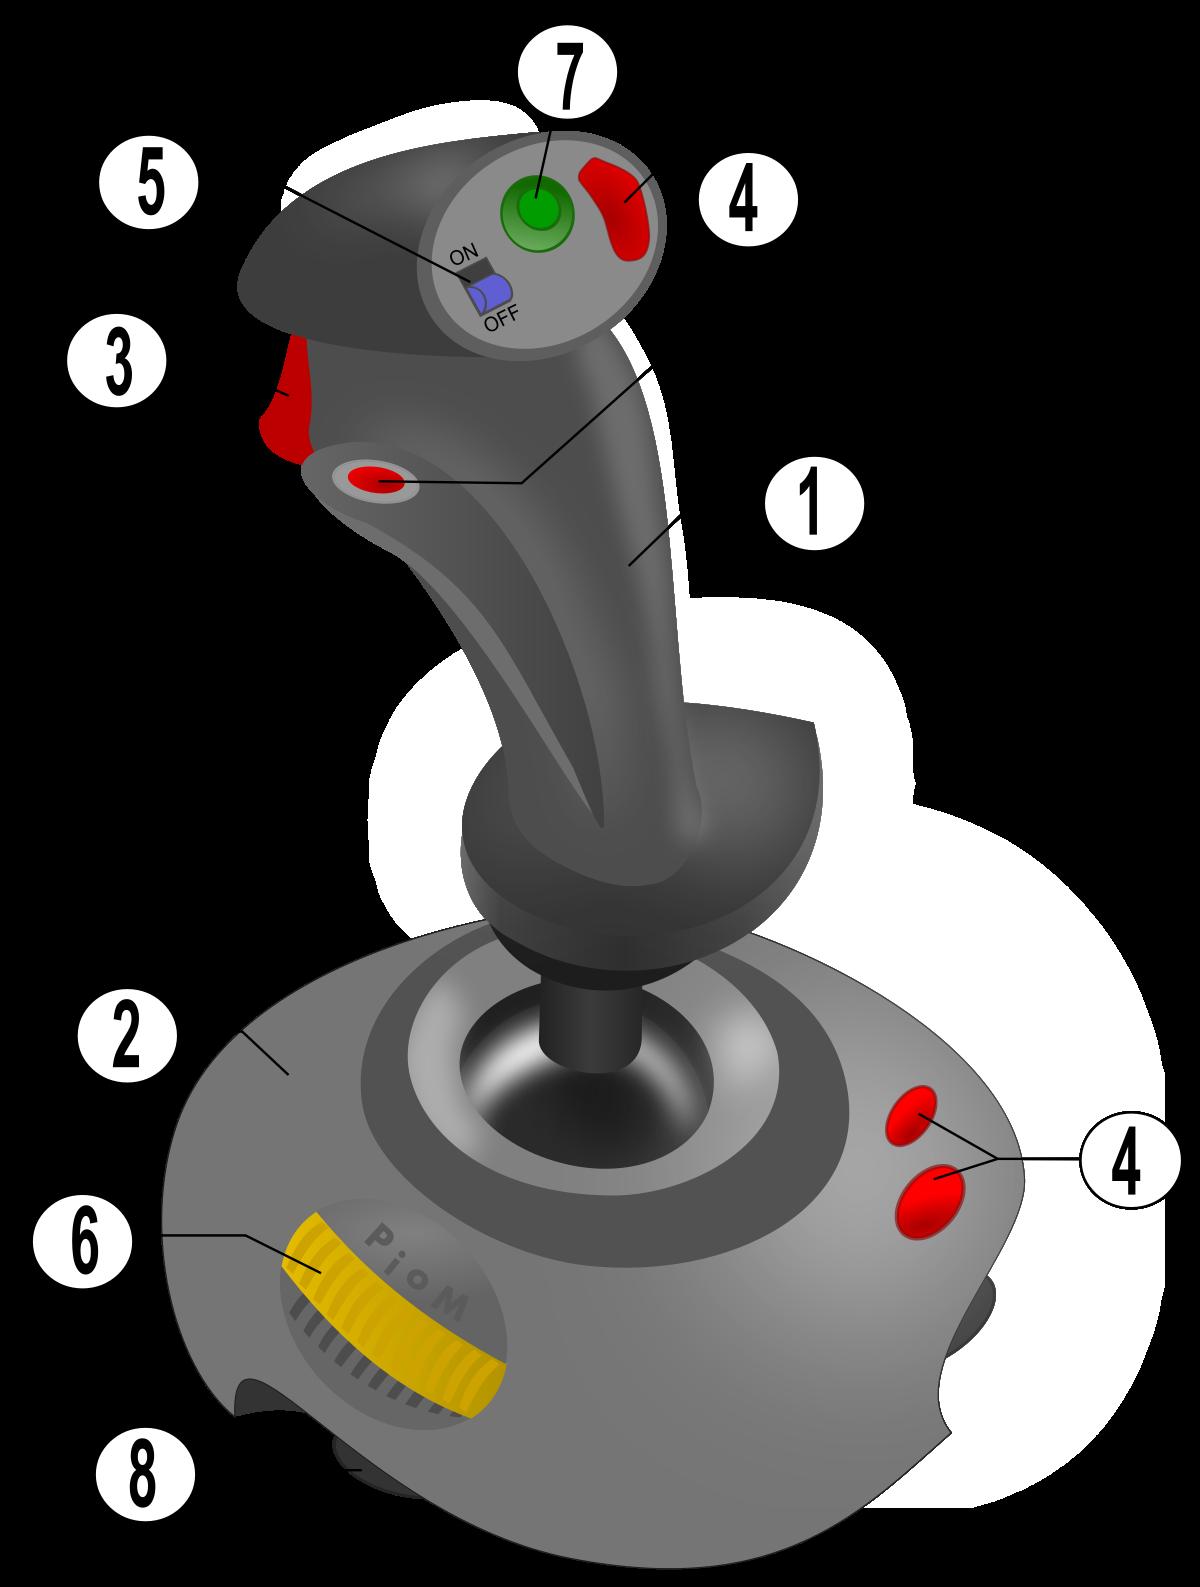 Image d'un joystick